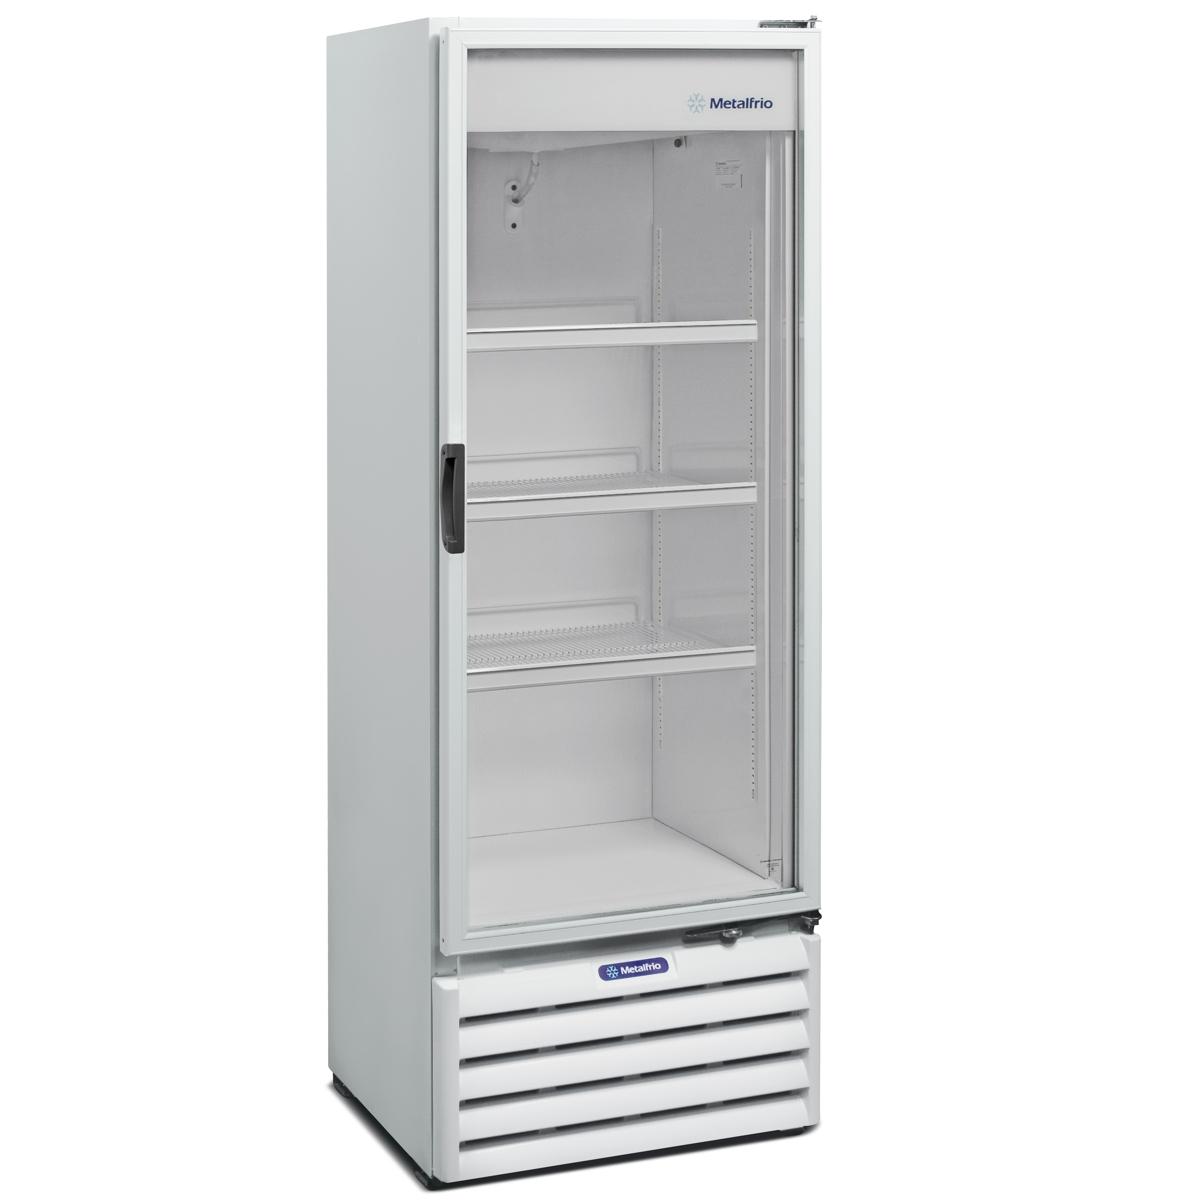 Refrigerador Porta Em Vidro 406 Litros Vb40w Metalfrio Sotomano